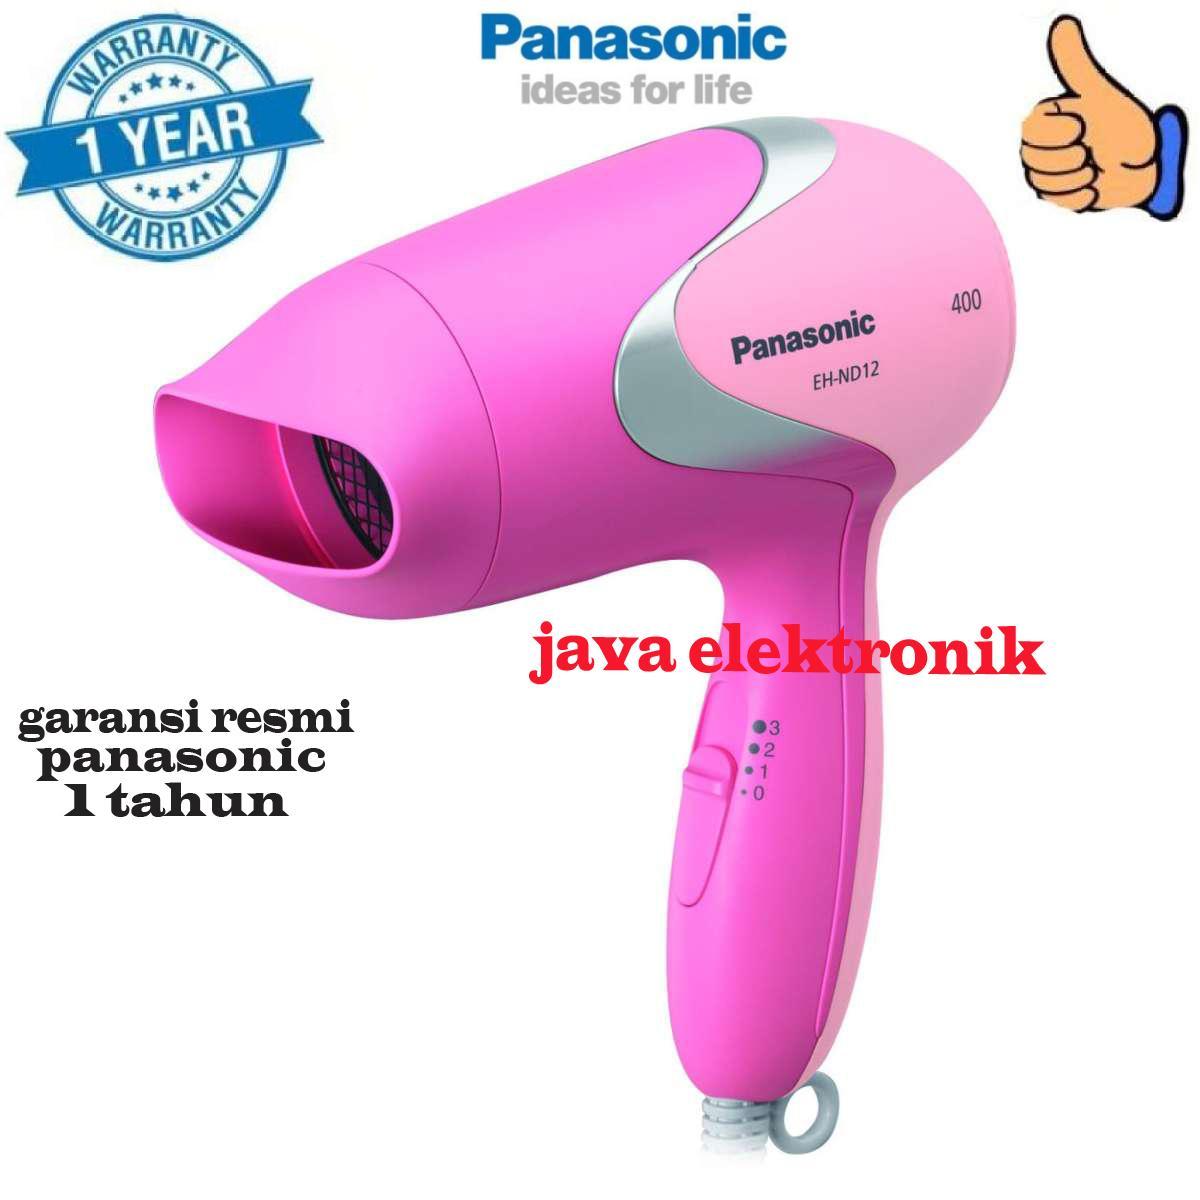 Panasonic Hair Dryer EH-ND11 Pengering Rambut - Pink garansi resmi